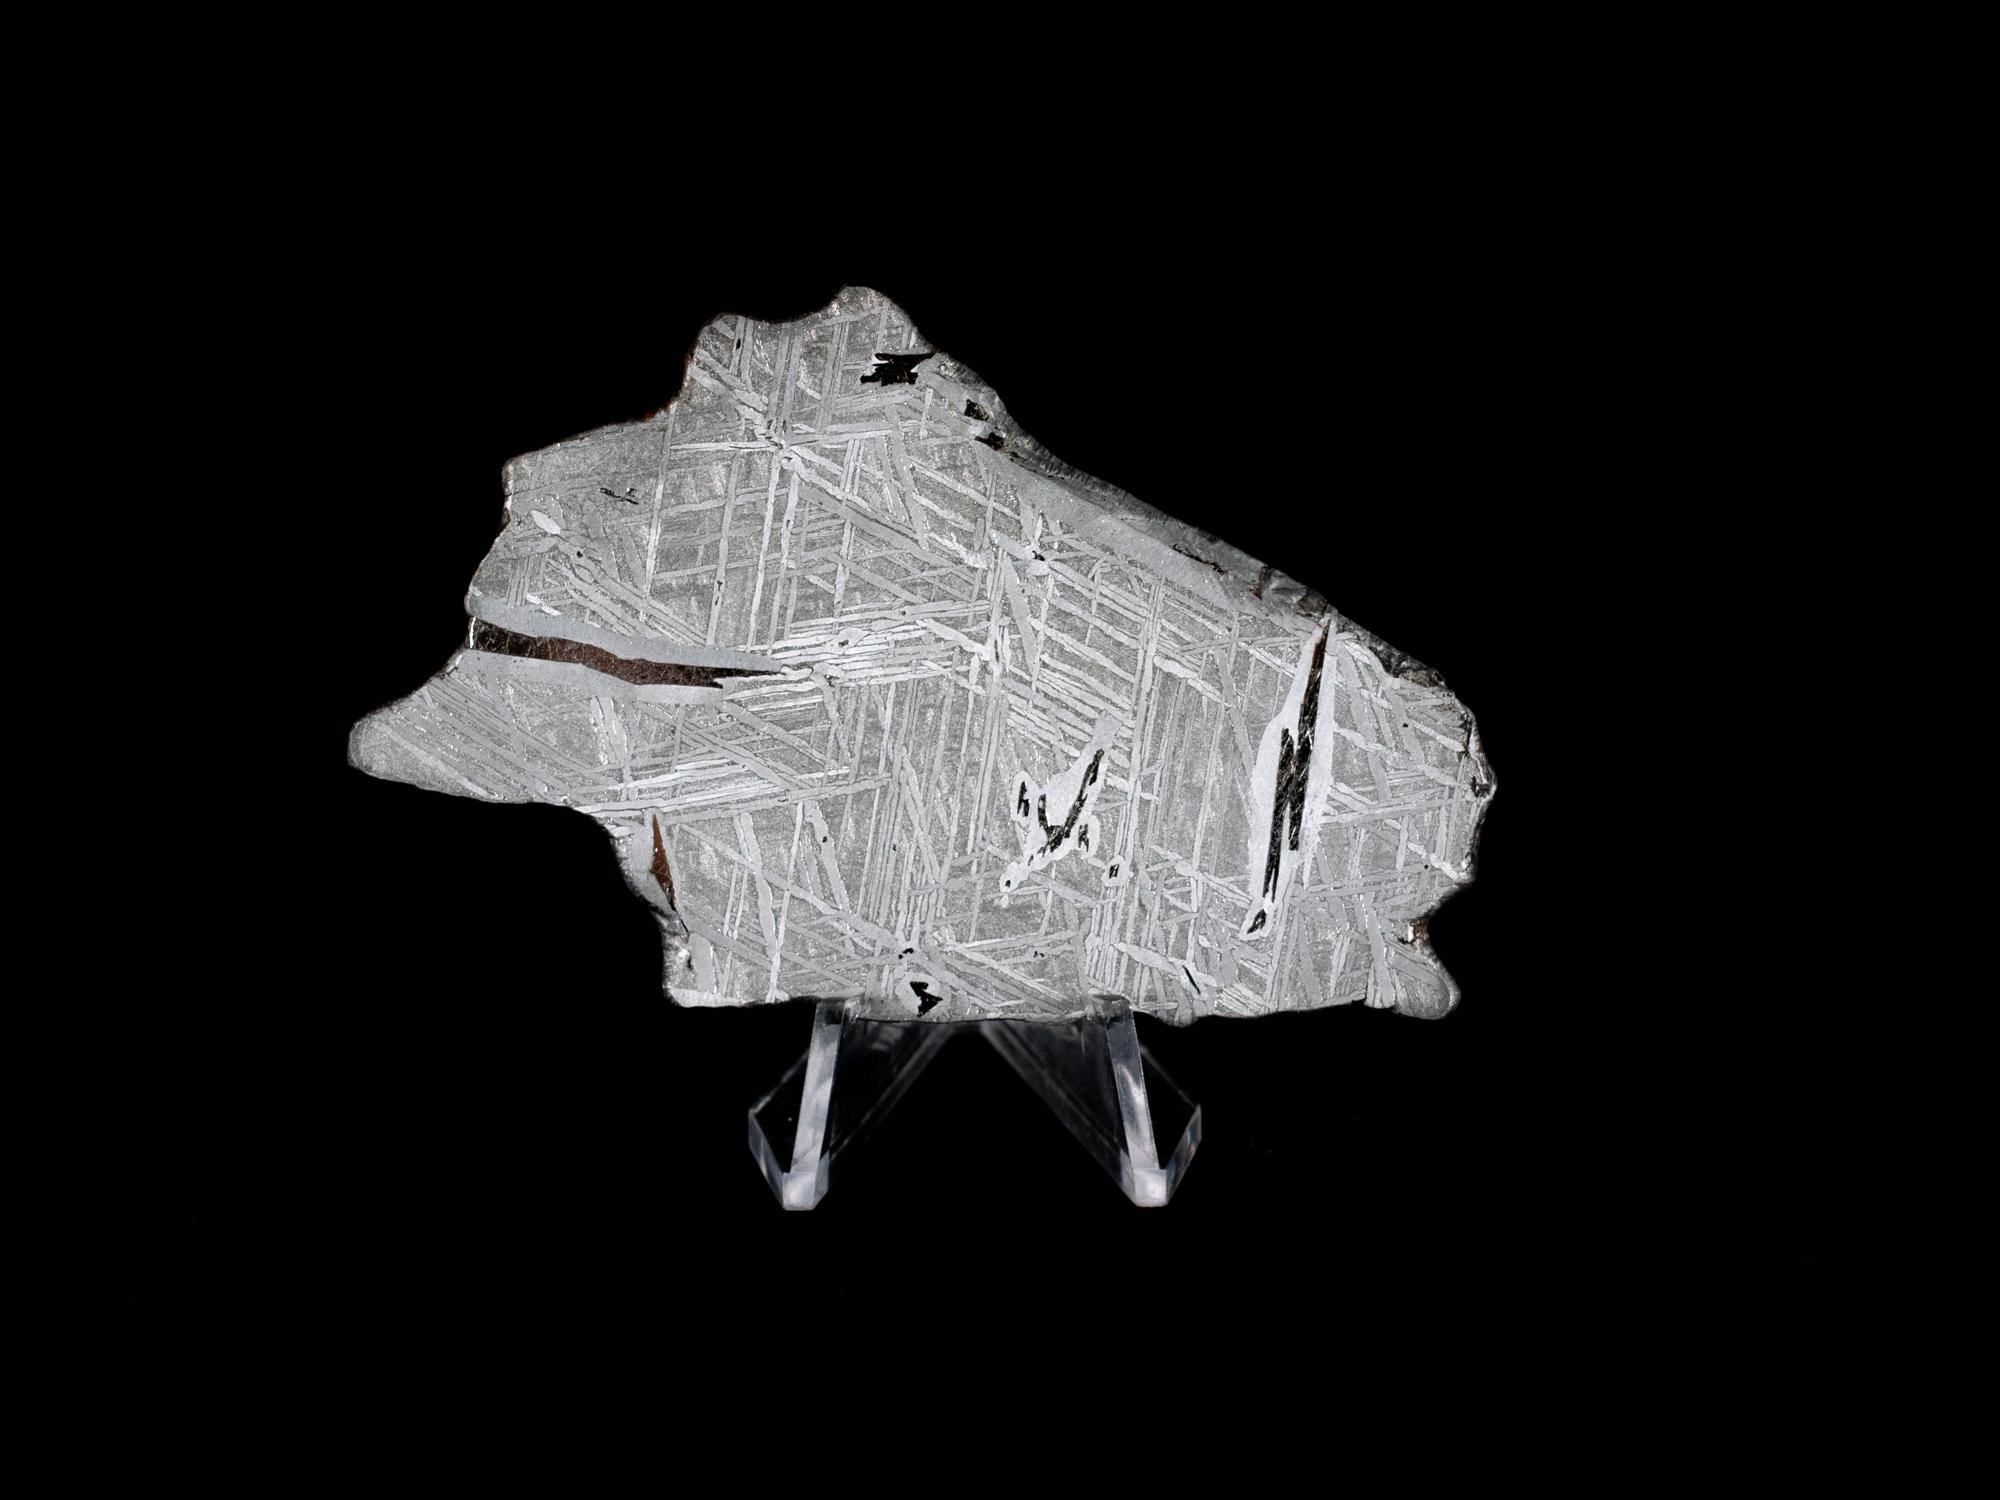 saint-aubin meteorite